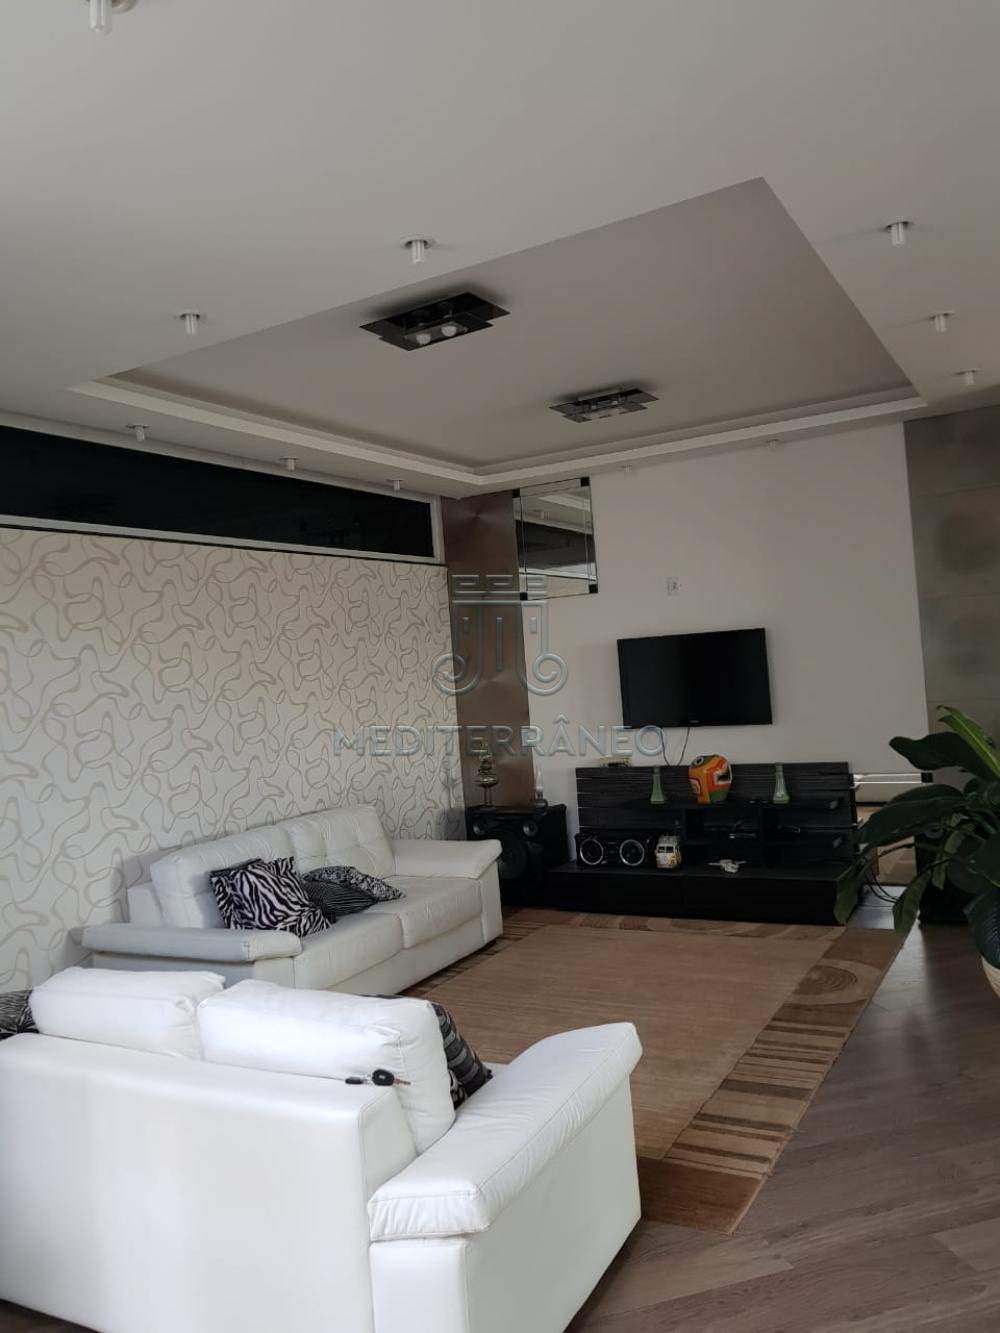 Comprar Casa / Condomínio em Itupeva apenas R$ 950.000,00 - Foto 1